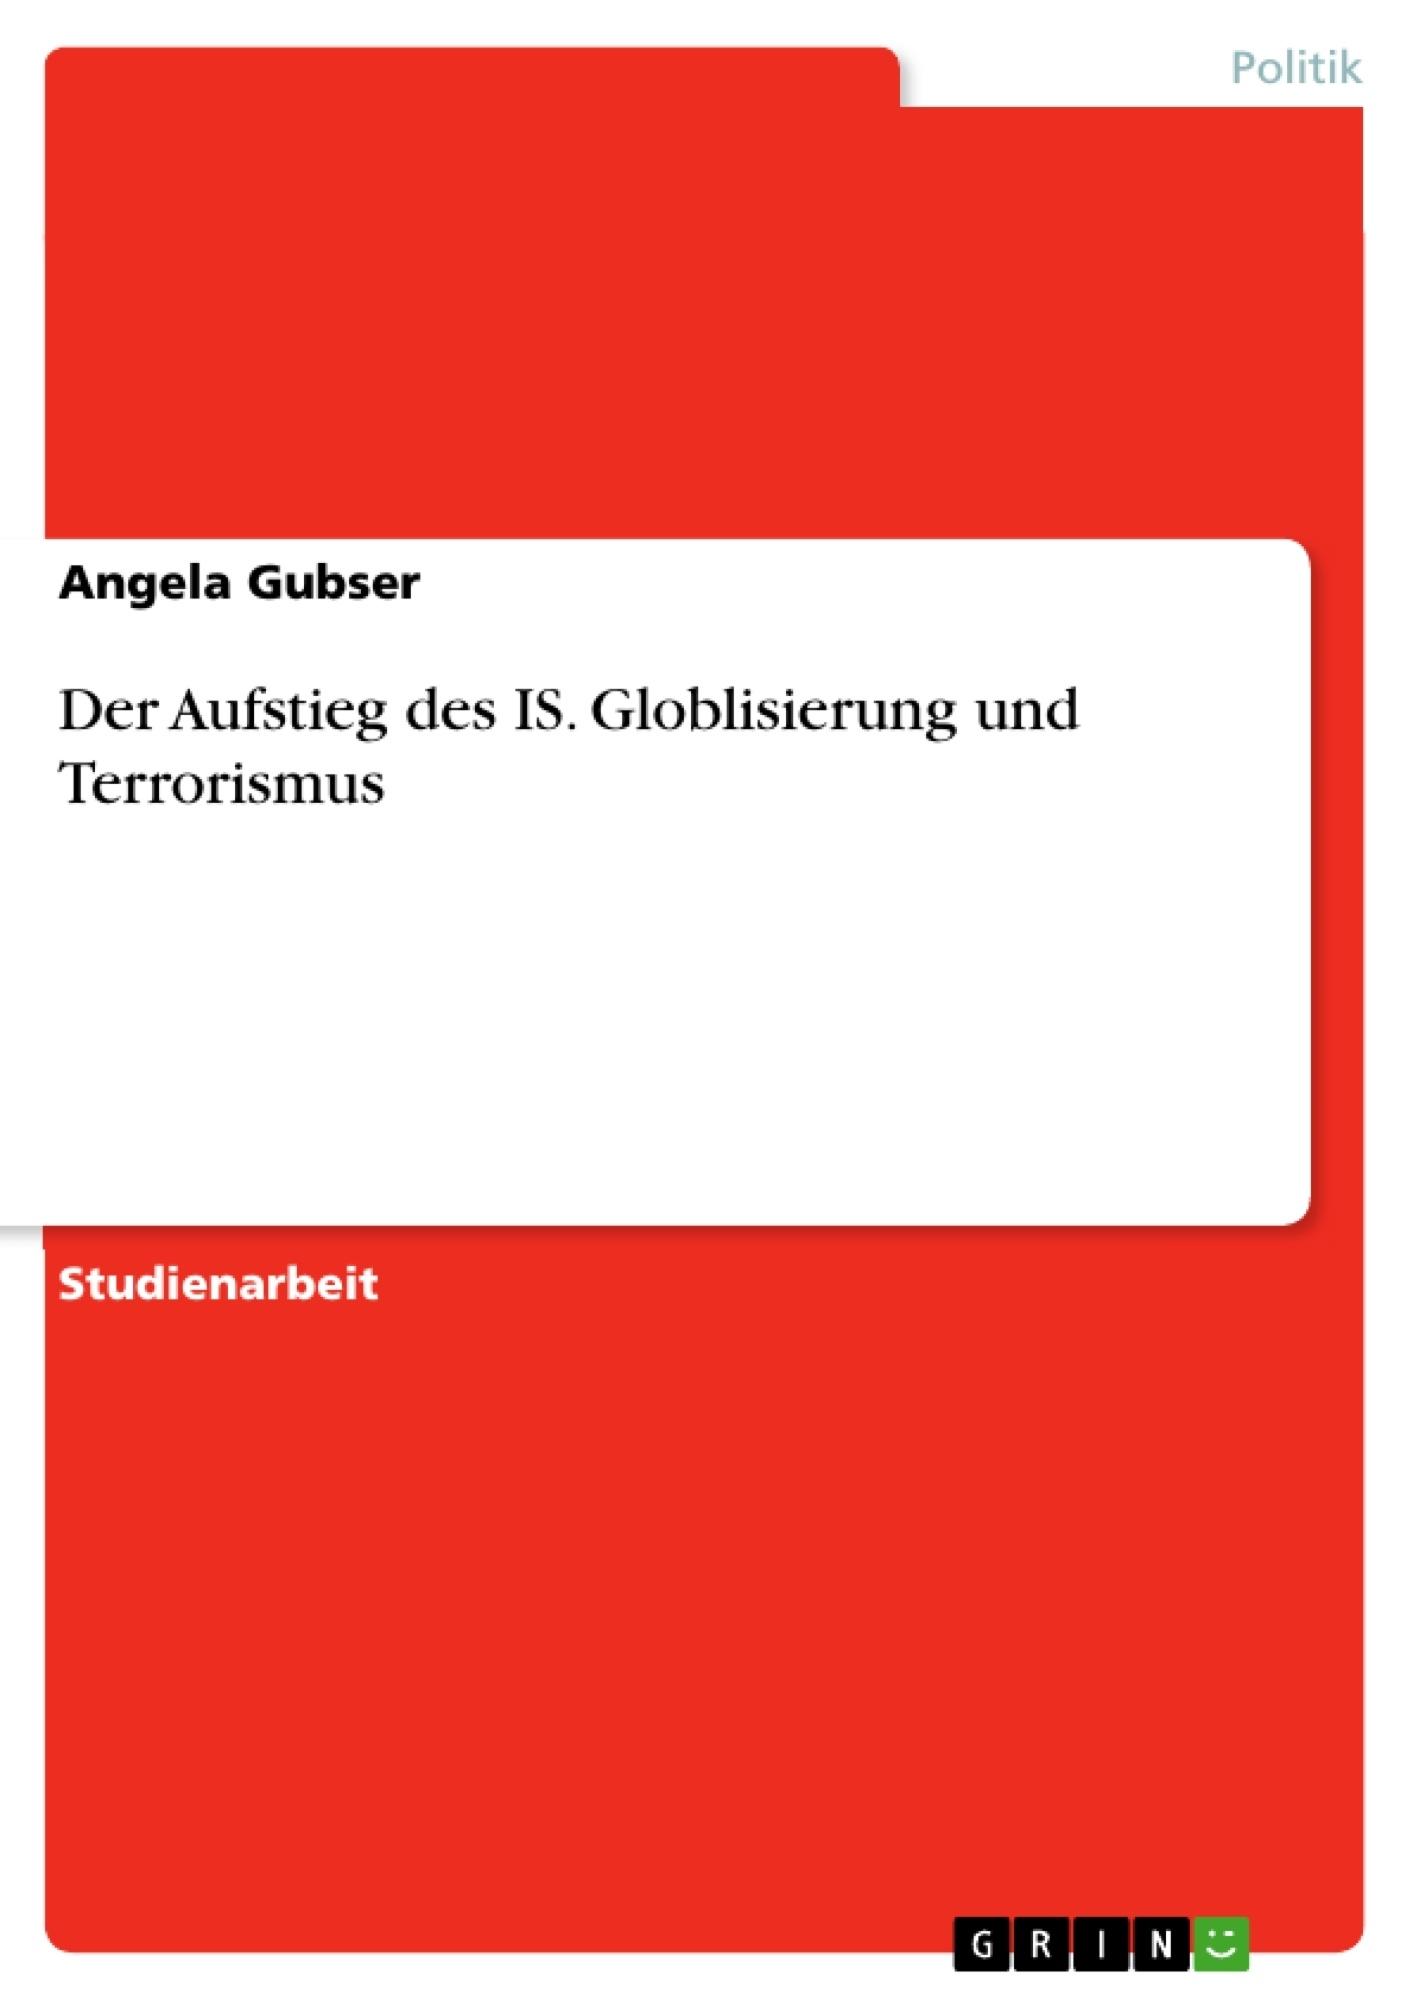 Titel: Der Aufstieg des IS. Globlisierung und Terrorismus